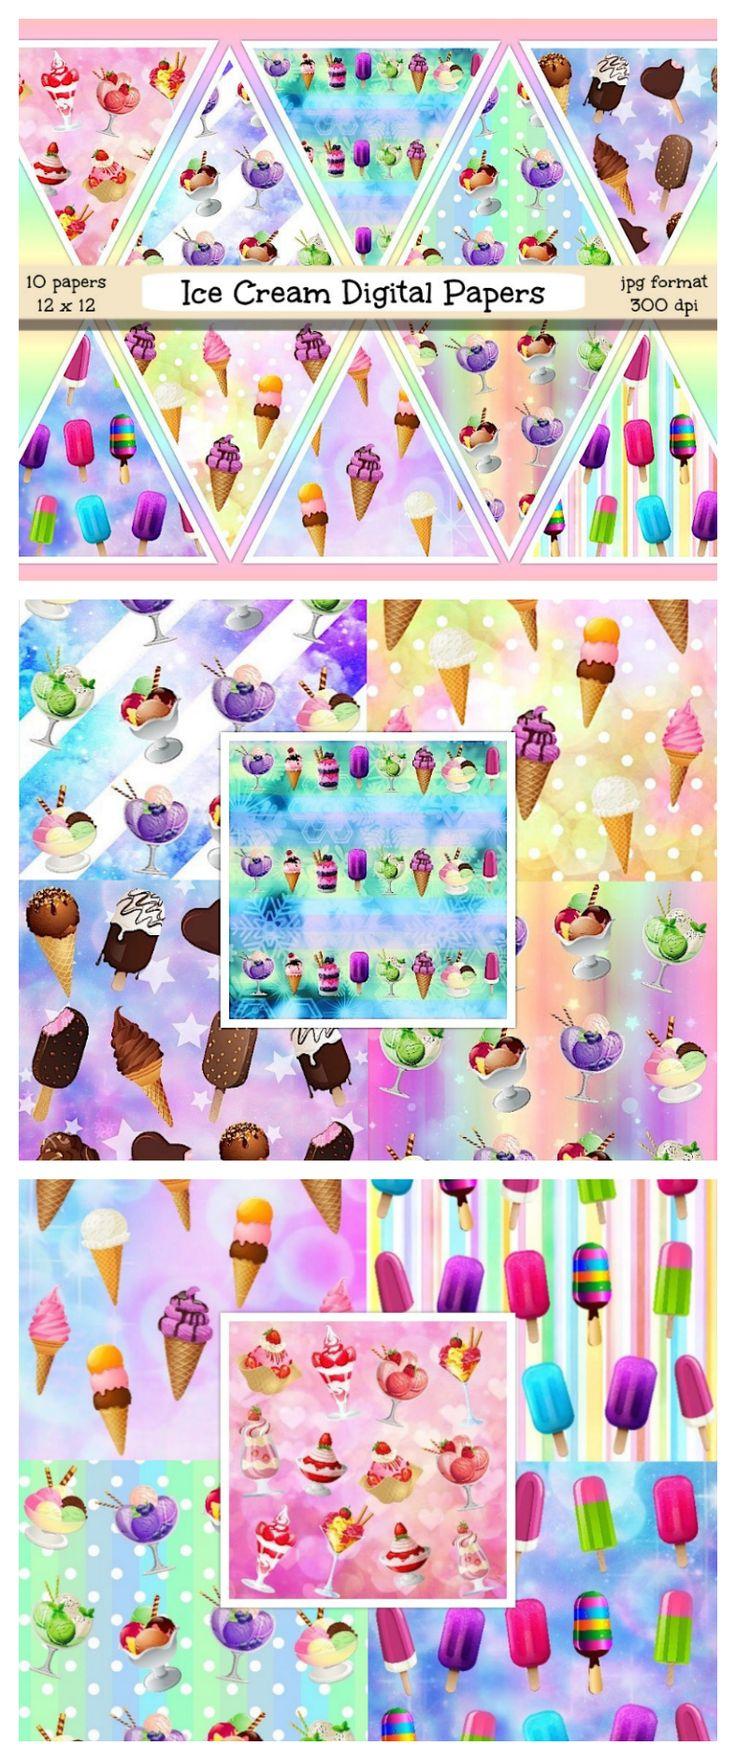 Scrapbook paper england - Ice Cream Digital Paper Ice Cream Scrapbook Papers Ice Cream Textures Ice Cream